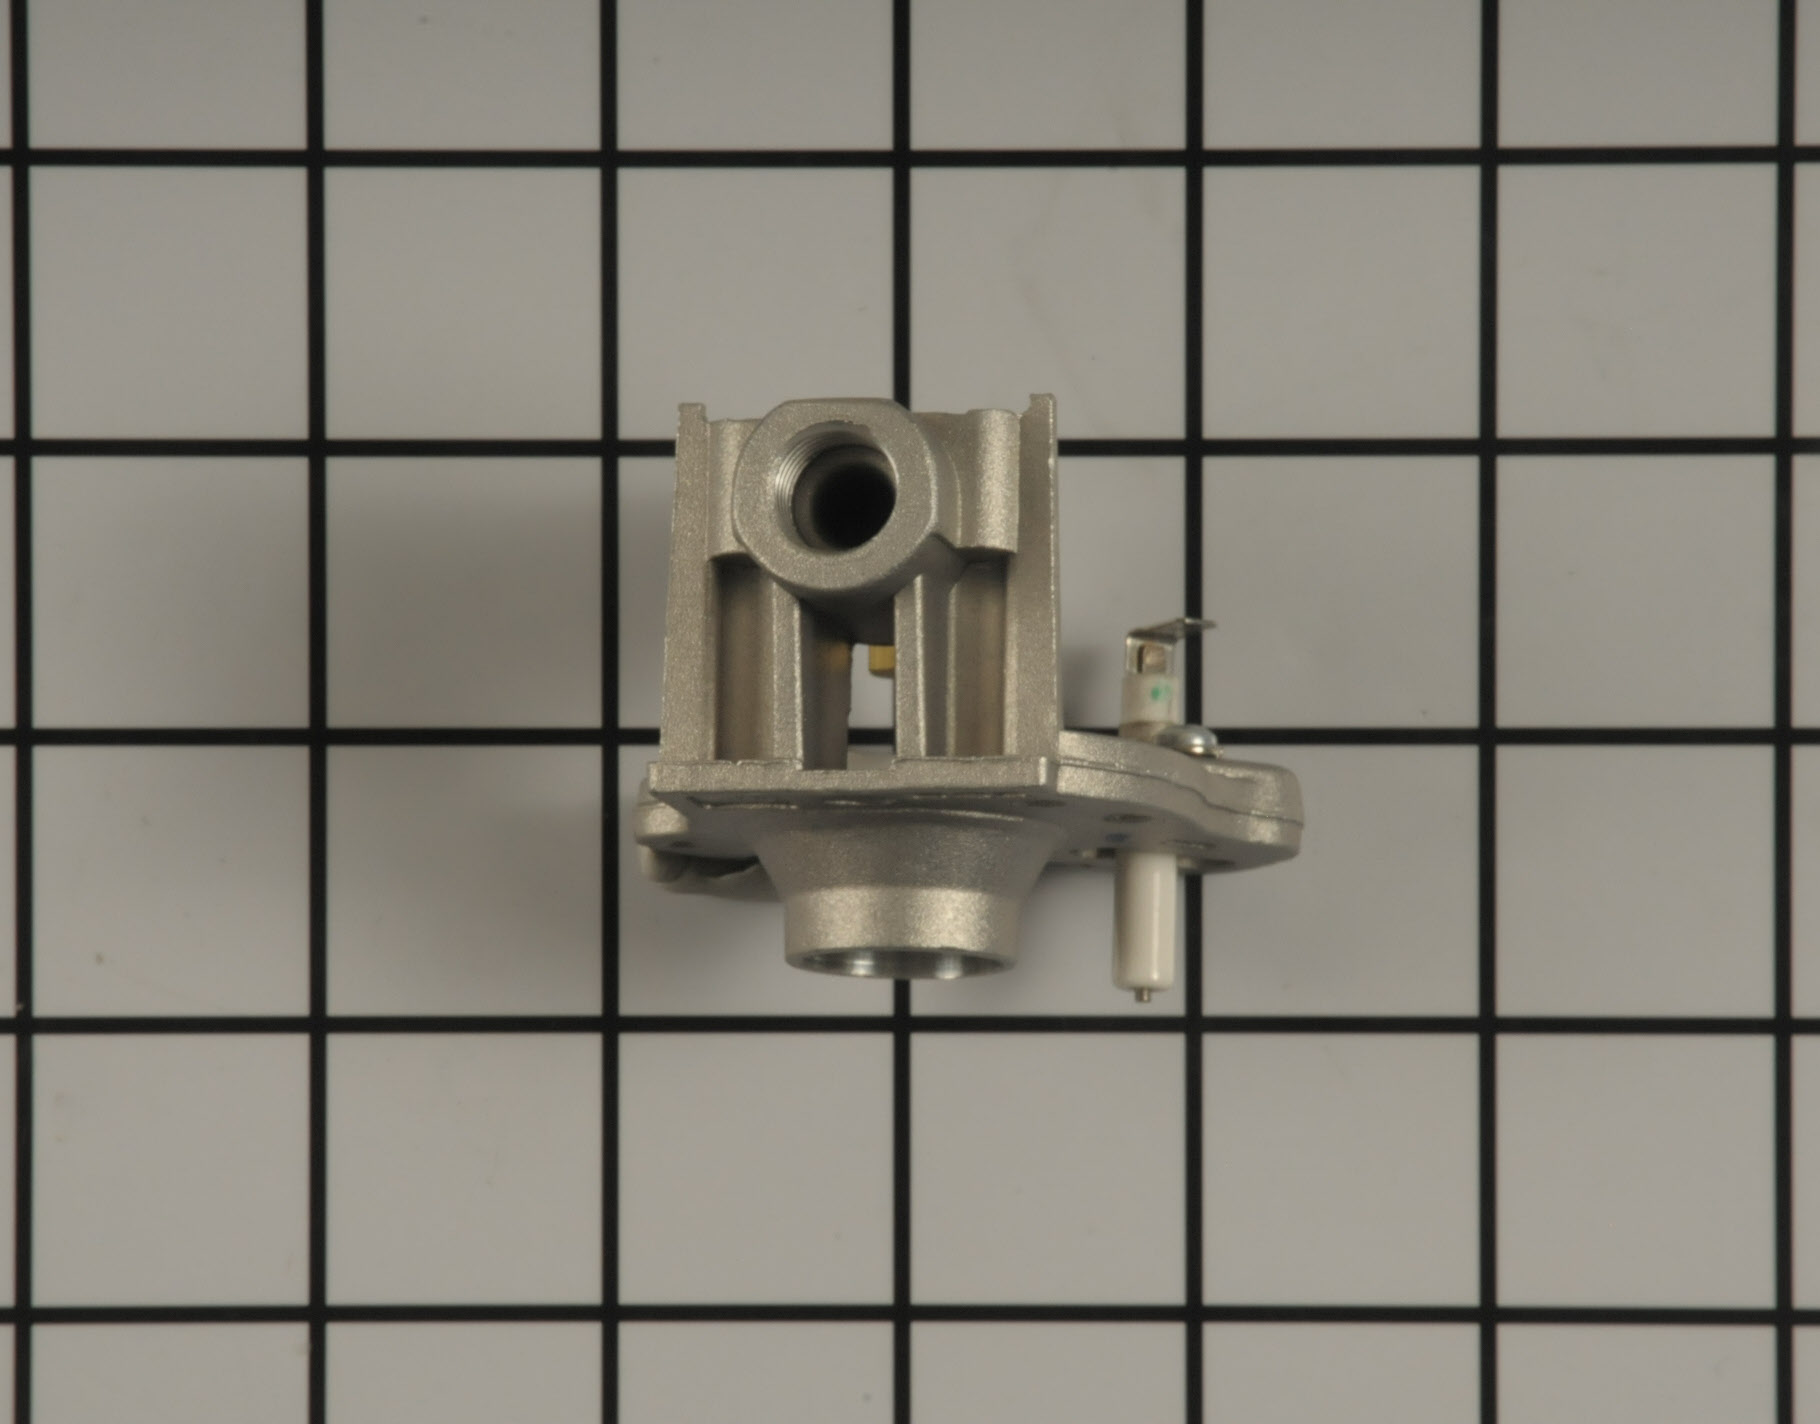 Maytag Range/Stove/Oven Part # WPW10319347 - Surface Burner Orifice Holder